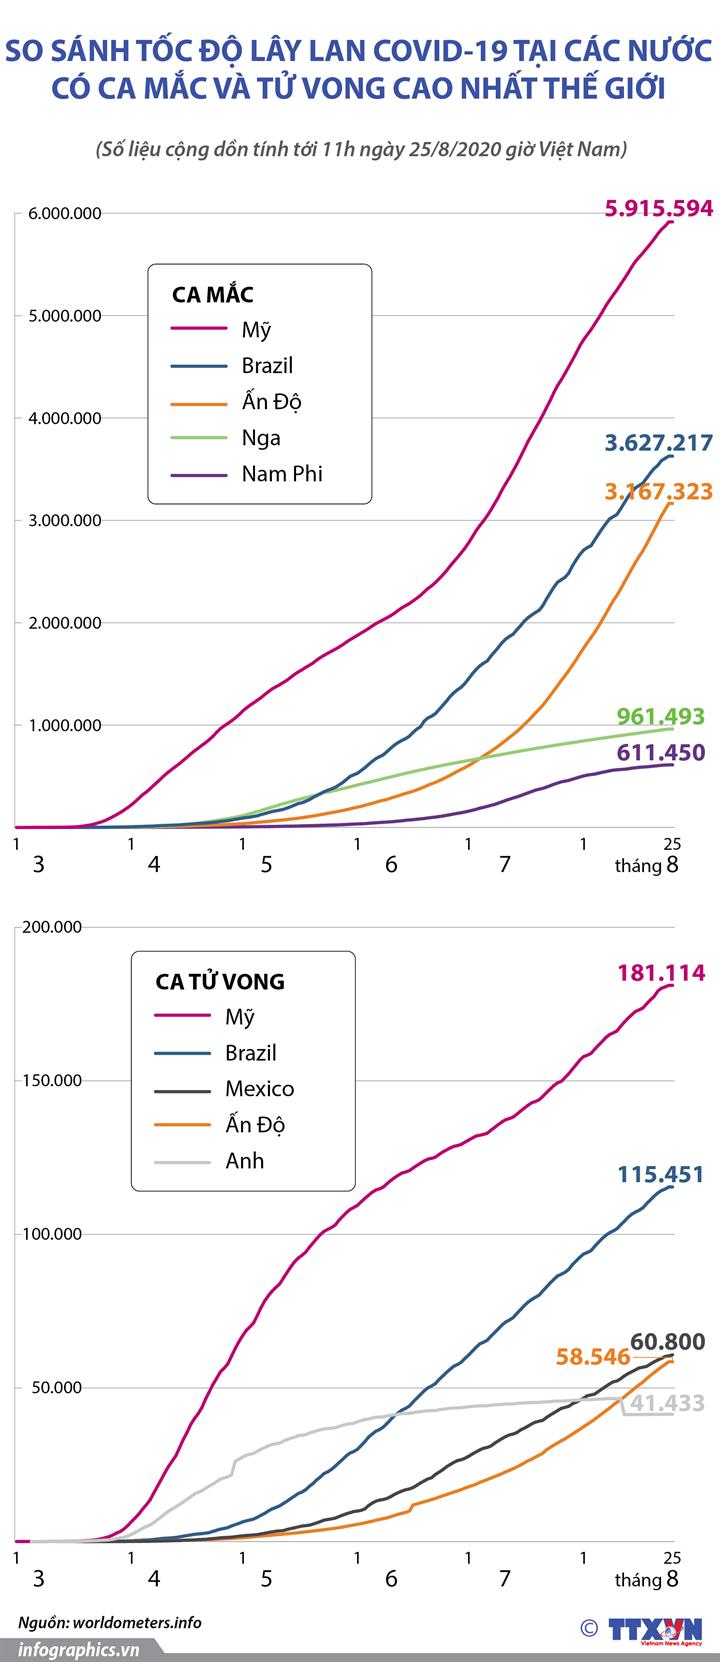 So sánh tốc độ lây lan COVID-19 tại các nước có ca mắc và tử vong cao nhất thế giới